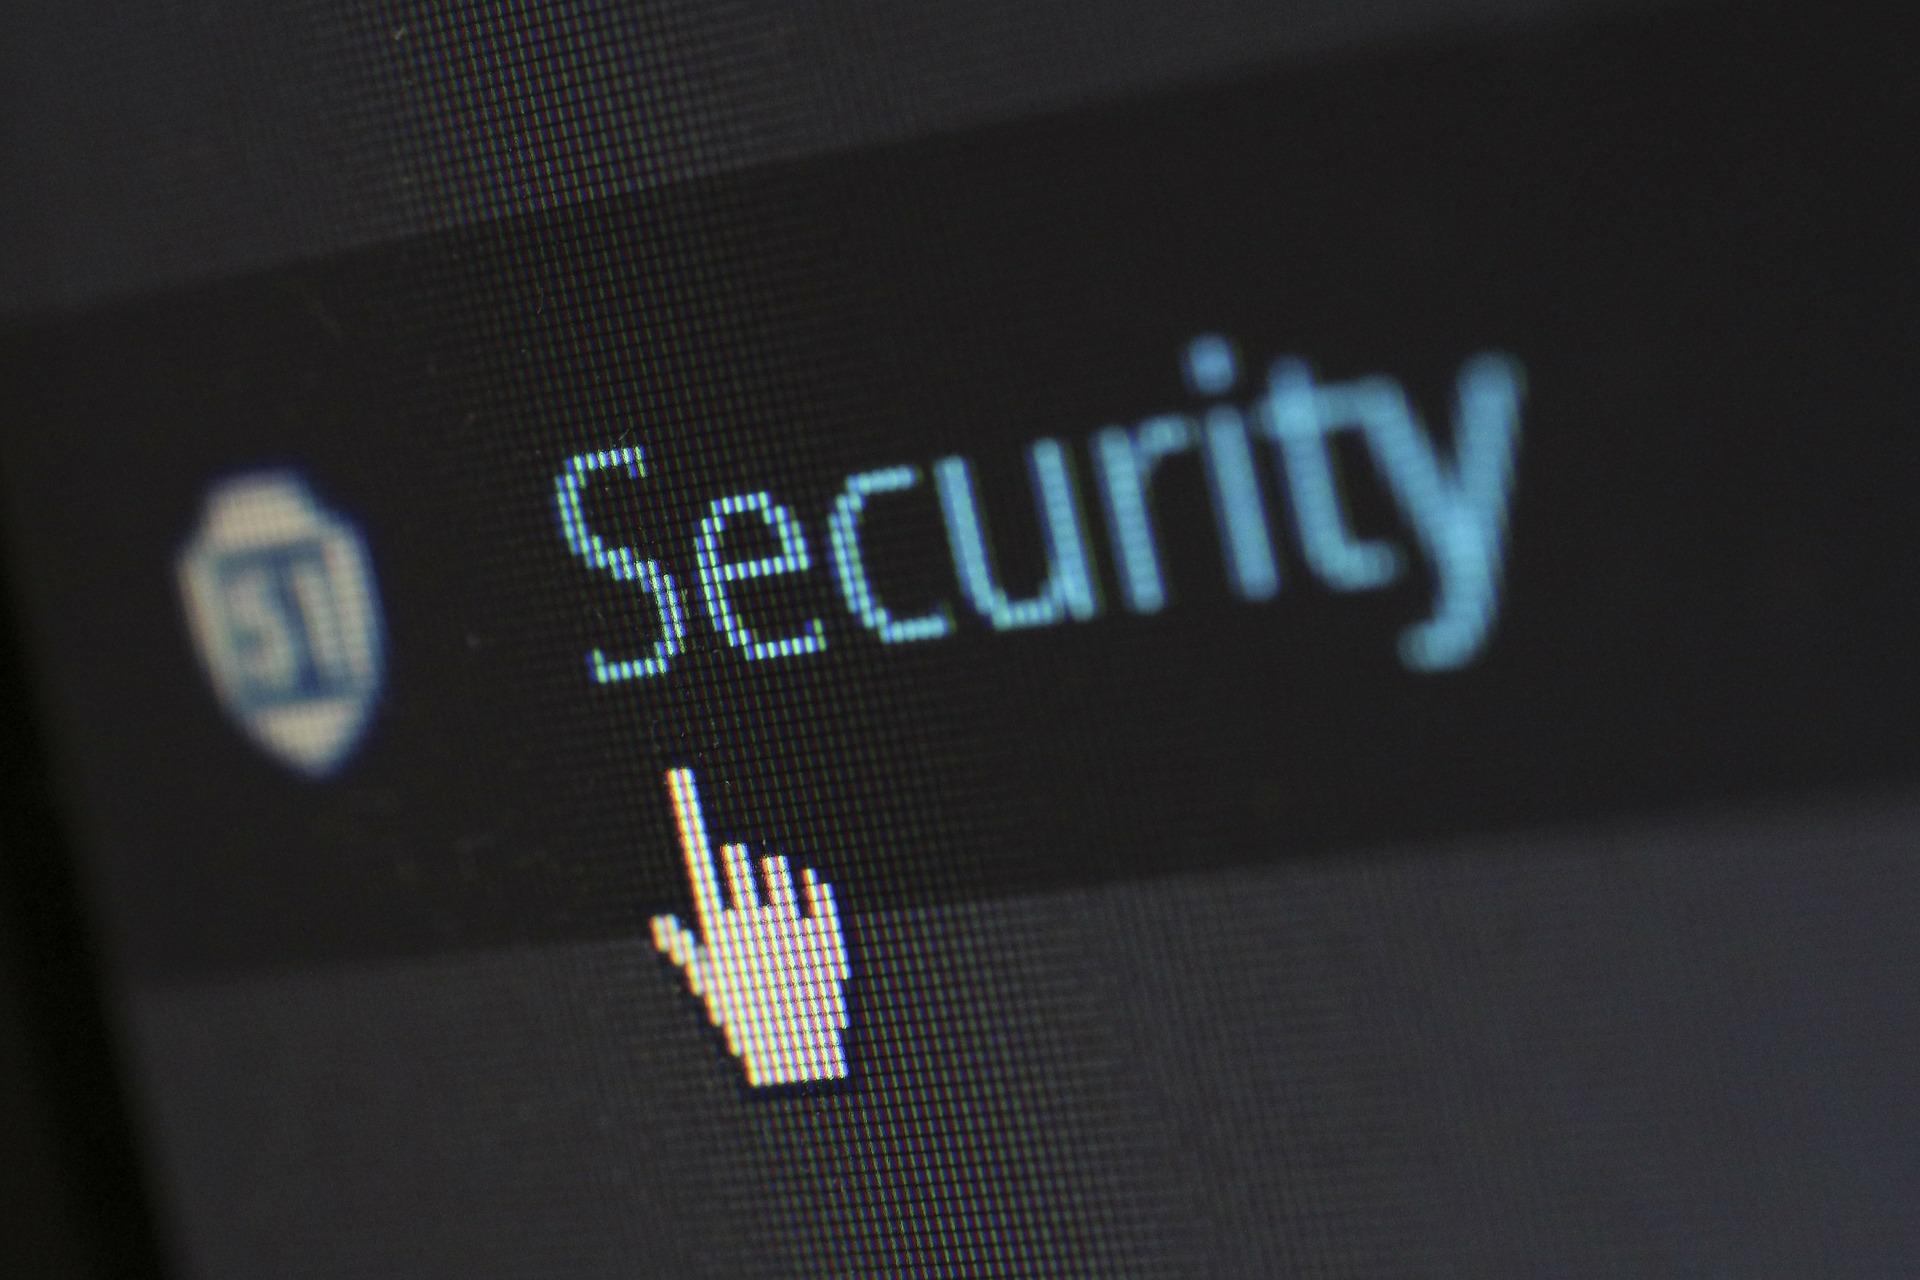 IT Pain 3 : IT security